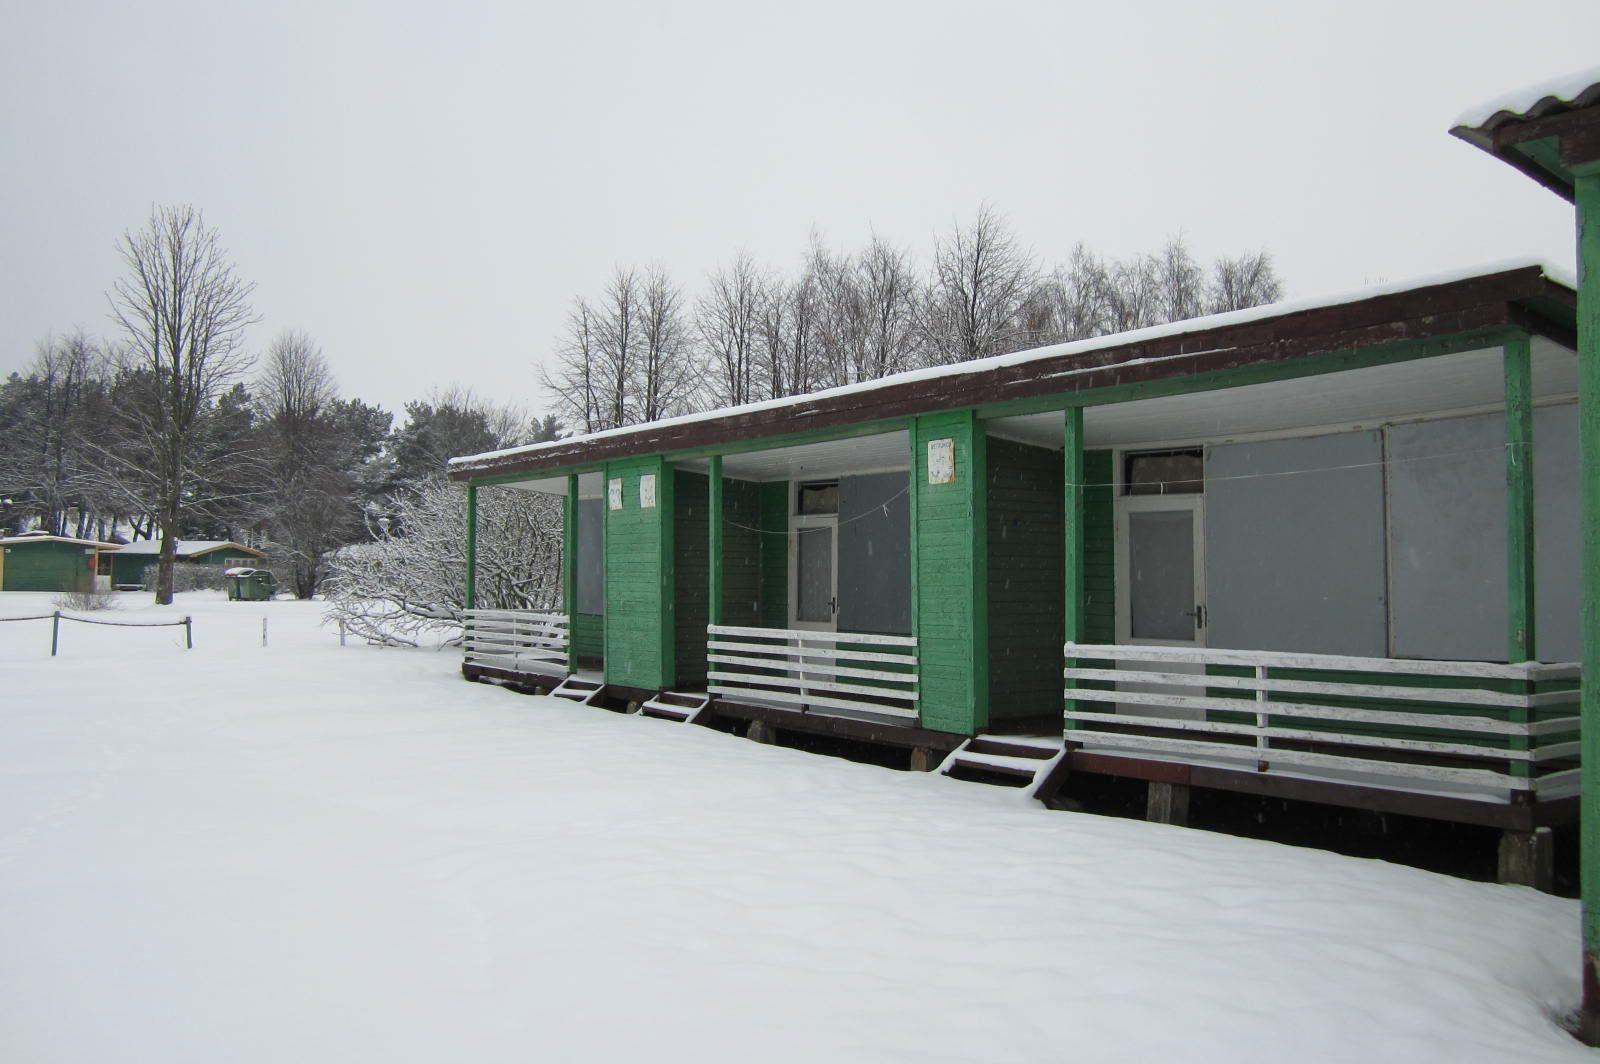 Brangiausiai aukcione parduotas objektas buvo medini� vasaros nameli� kompleksas �ventojoje Bendrov�s Nuotr.